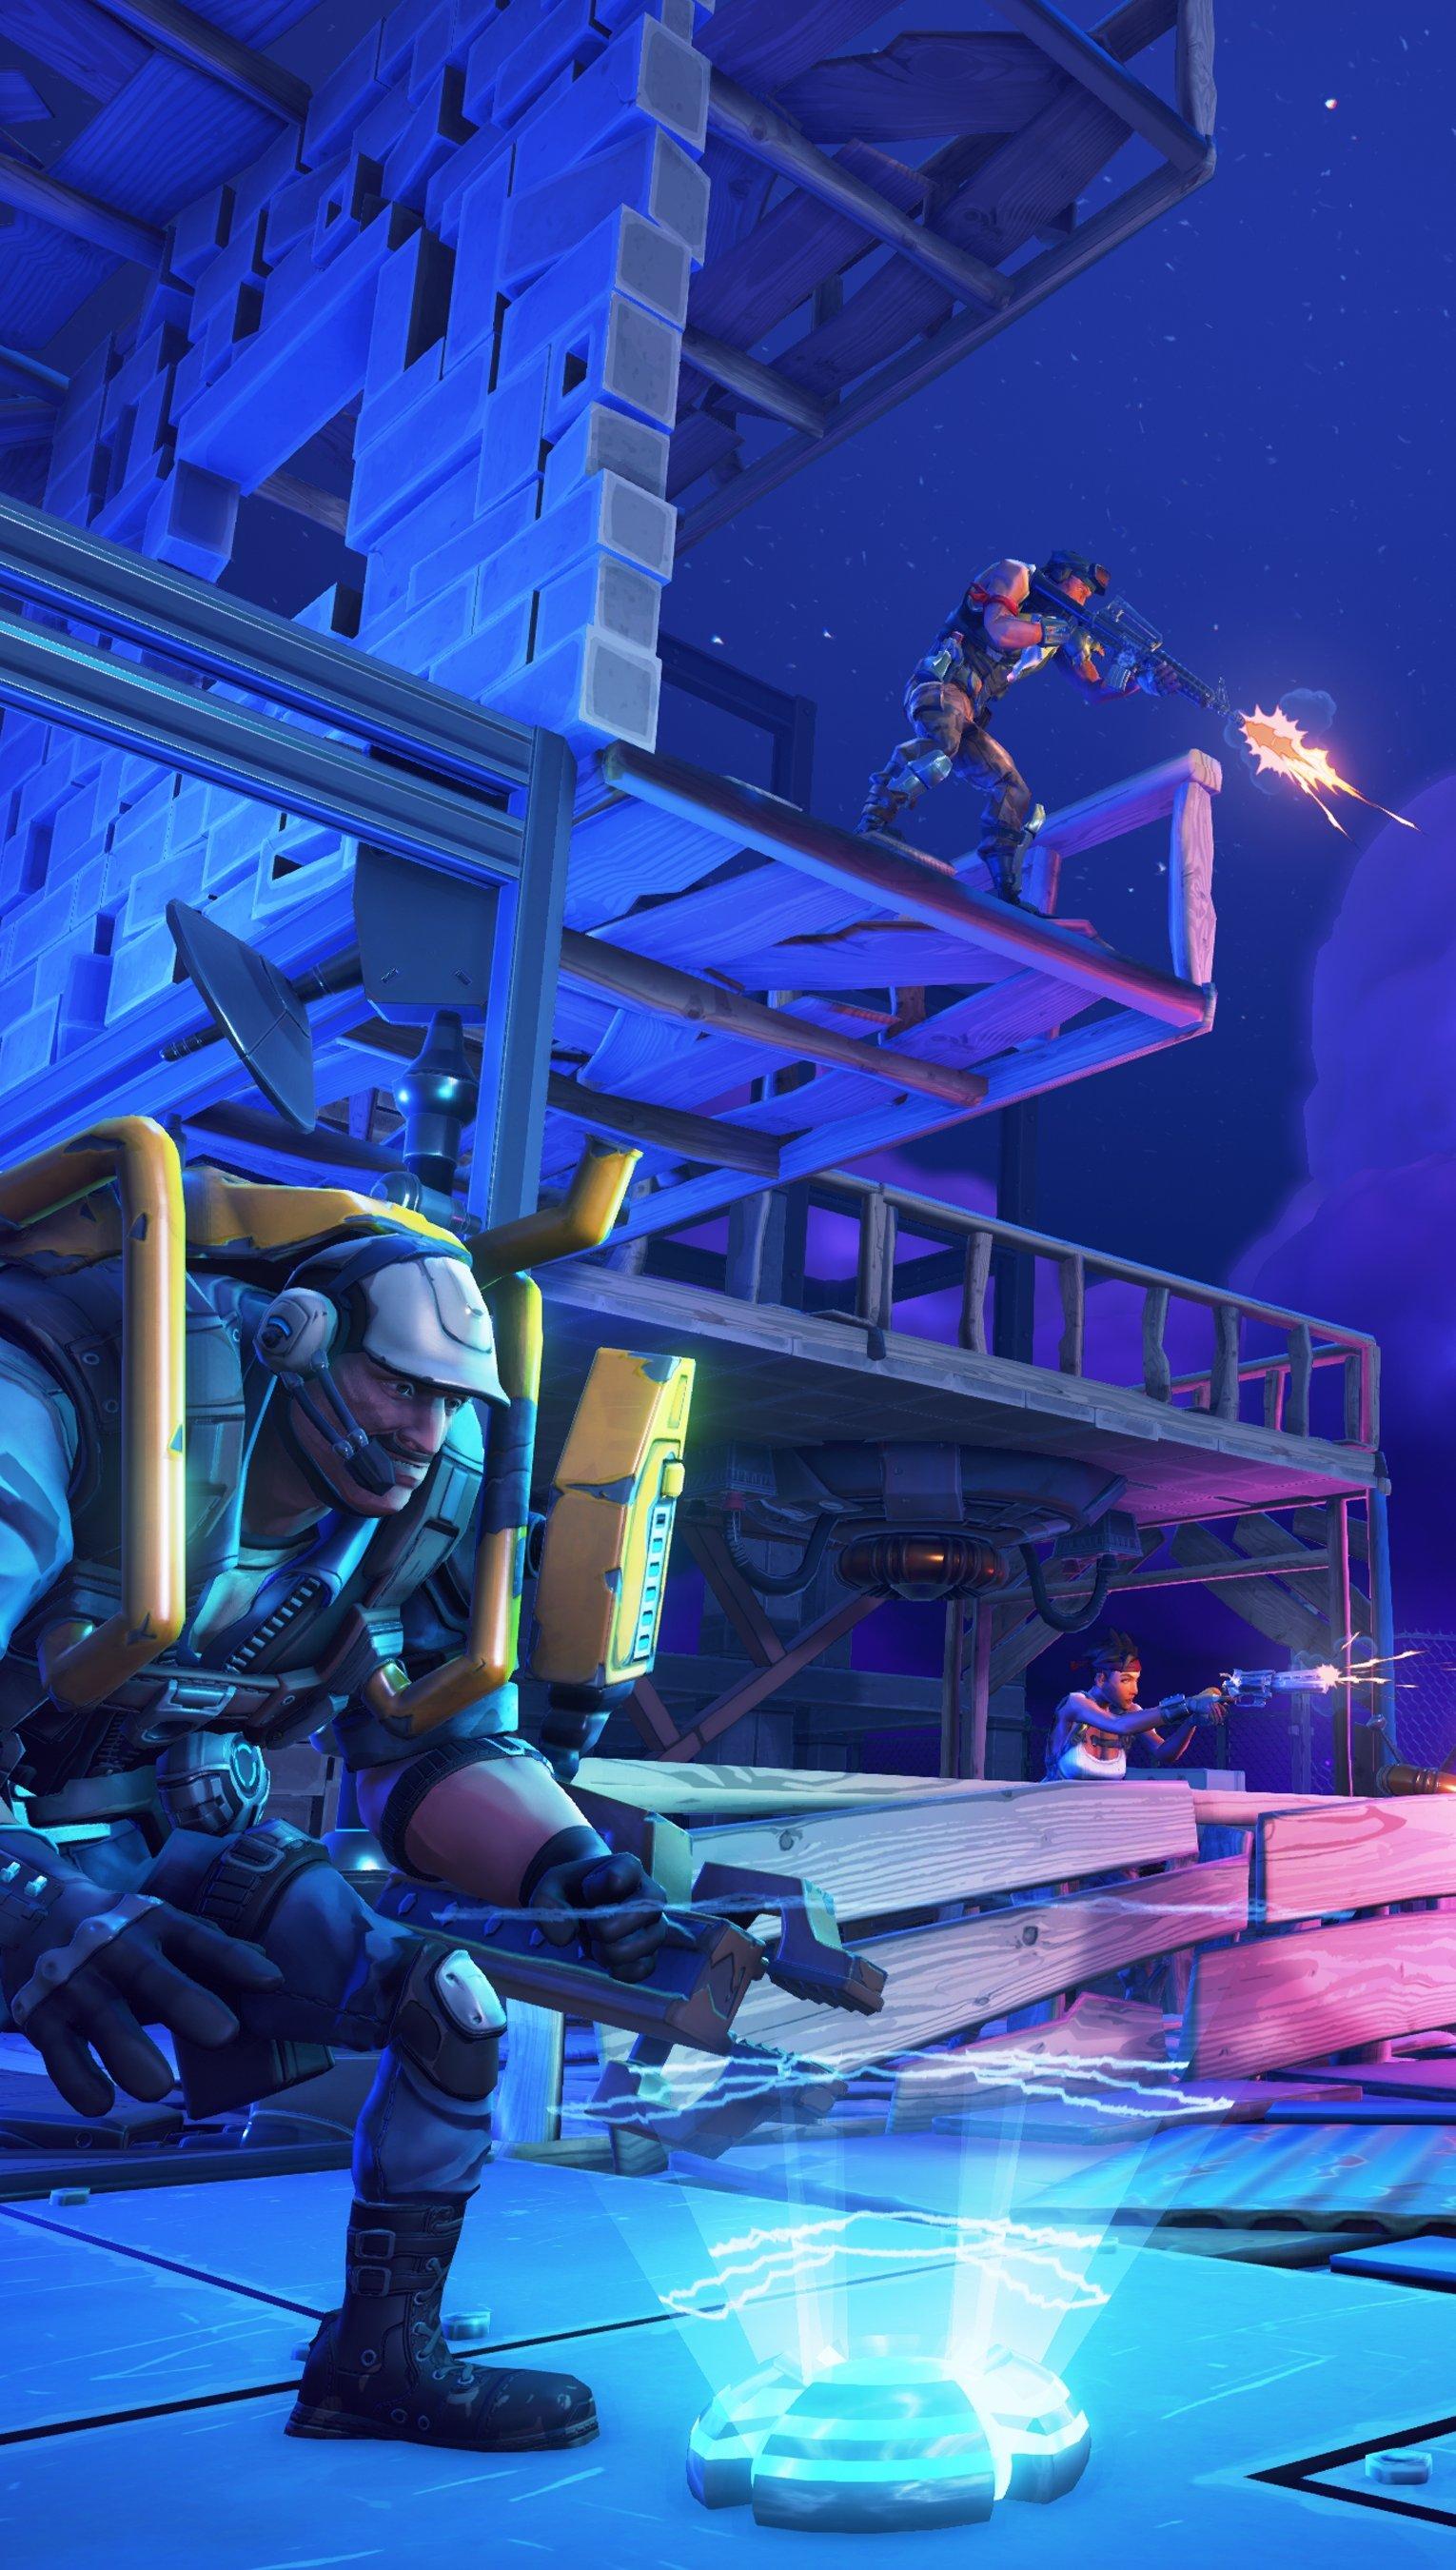 Fondos de pantalla Fortnite Battle Royale Vertical